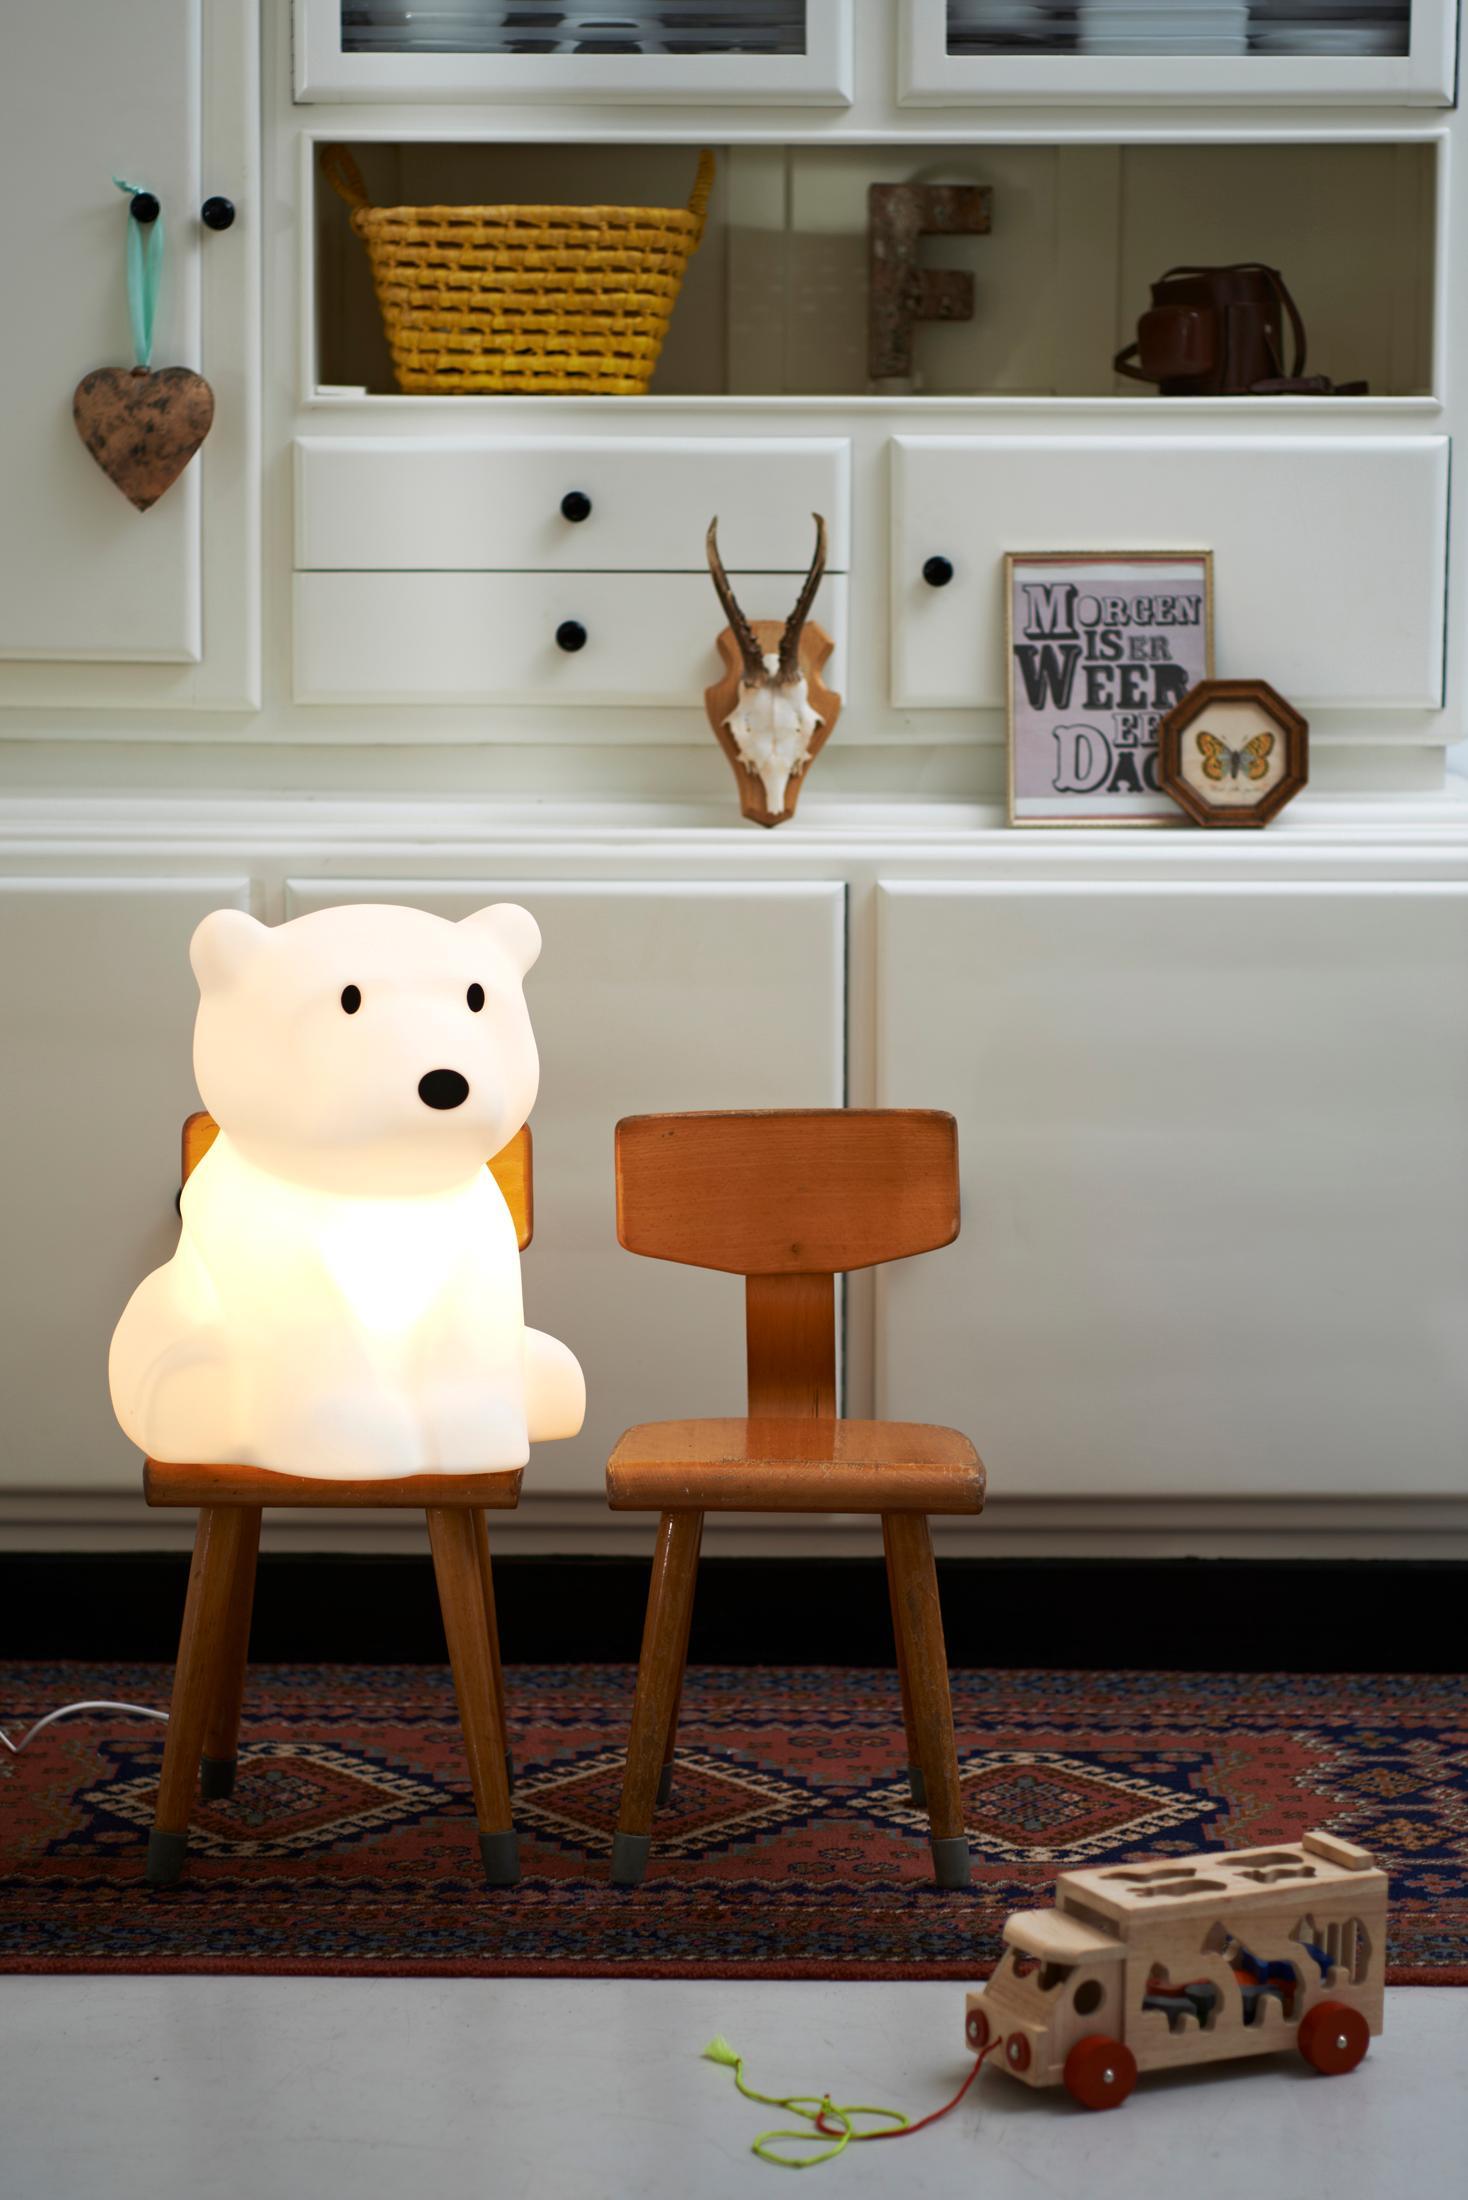 Einfache Dekoration Und Mobel Orientalisches Flair Mit Perserteppichen 2 #17: Eisbärenlampe #geweih #teppich #schrank #perserteppich #holzschrank ©MrMaria